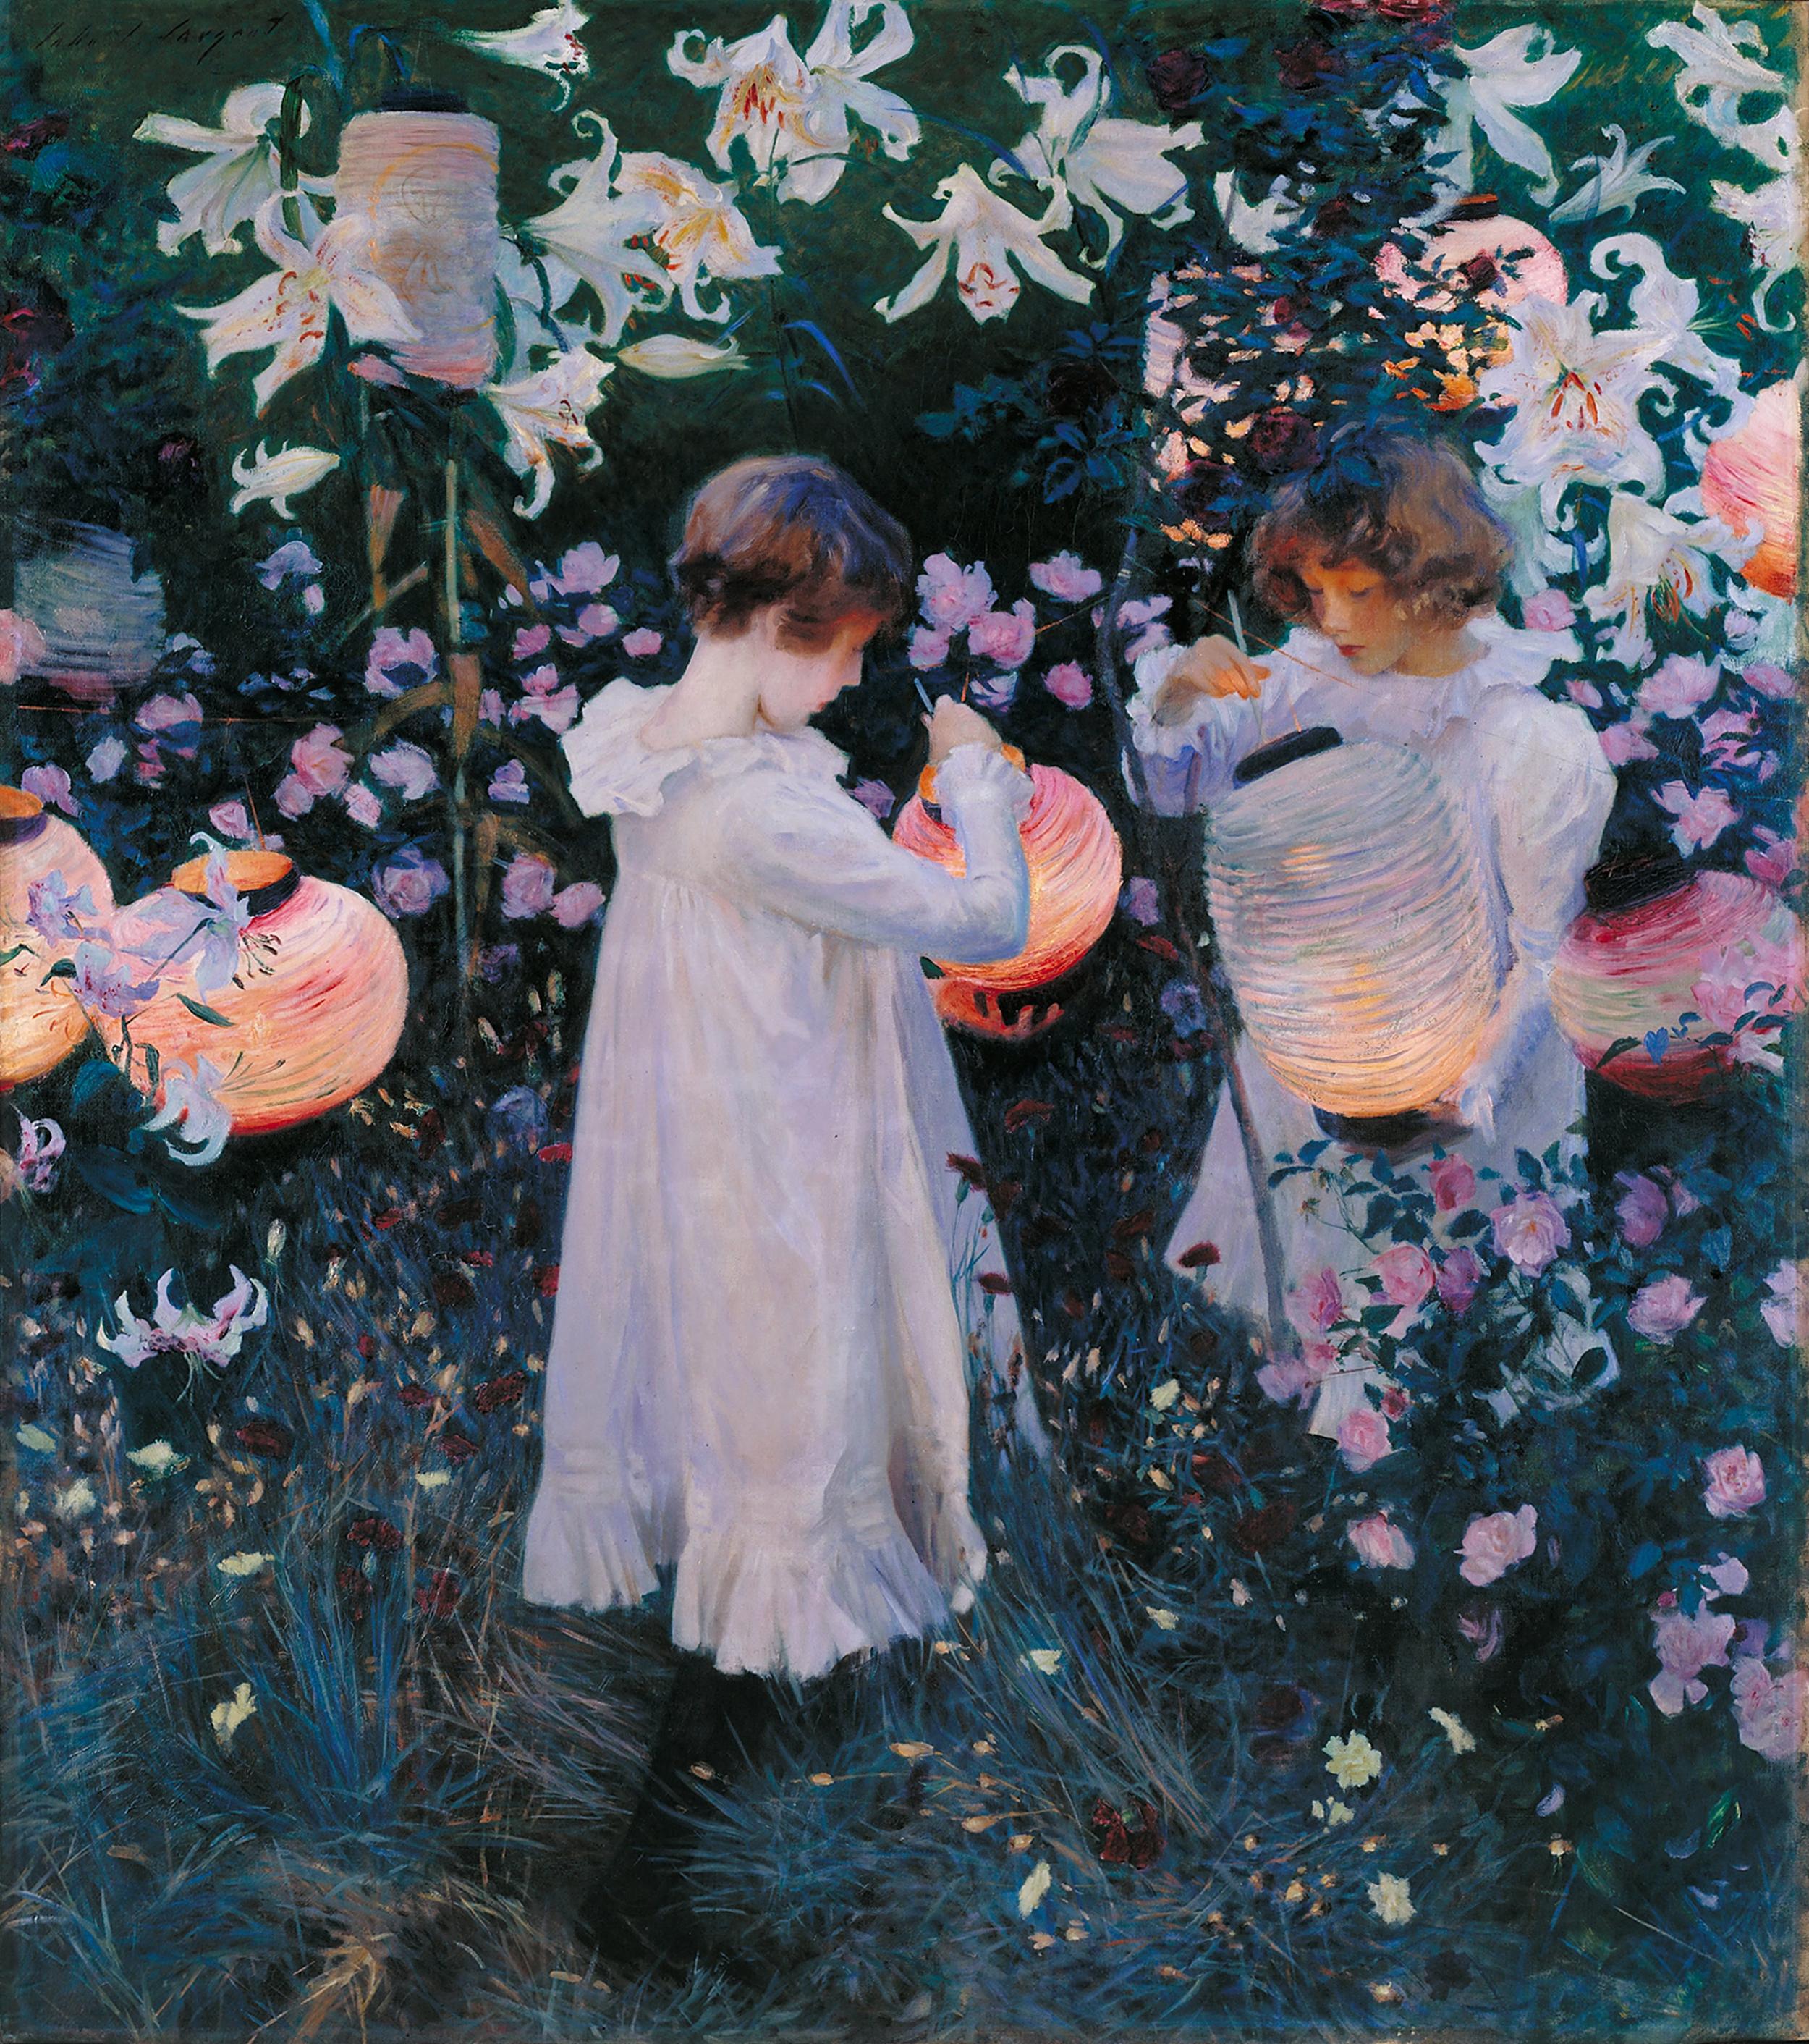 John_Singer_Sargent_-_Carnation,_Lily,_Lily,_Rose_-_Google_Art_Project.jpg